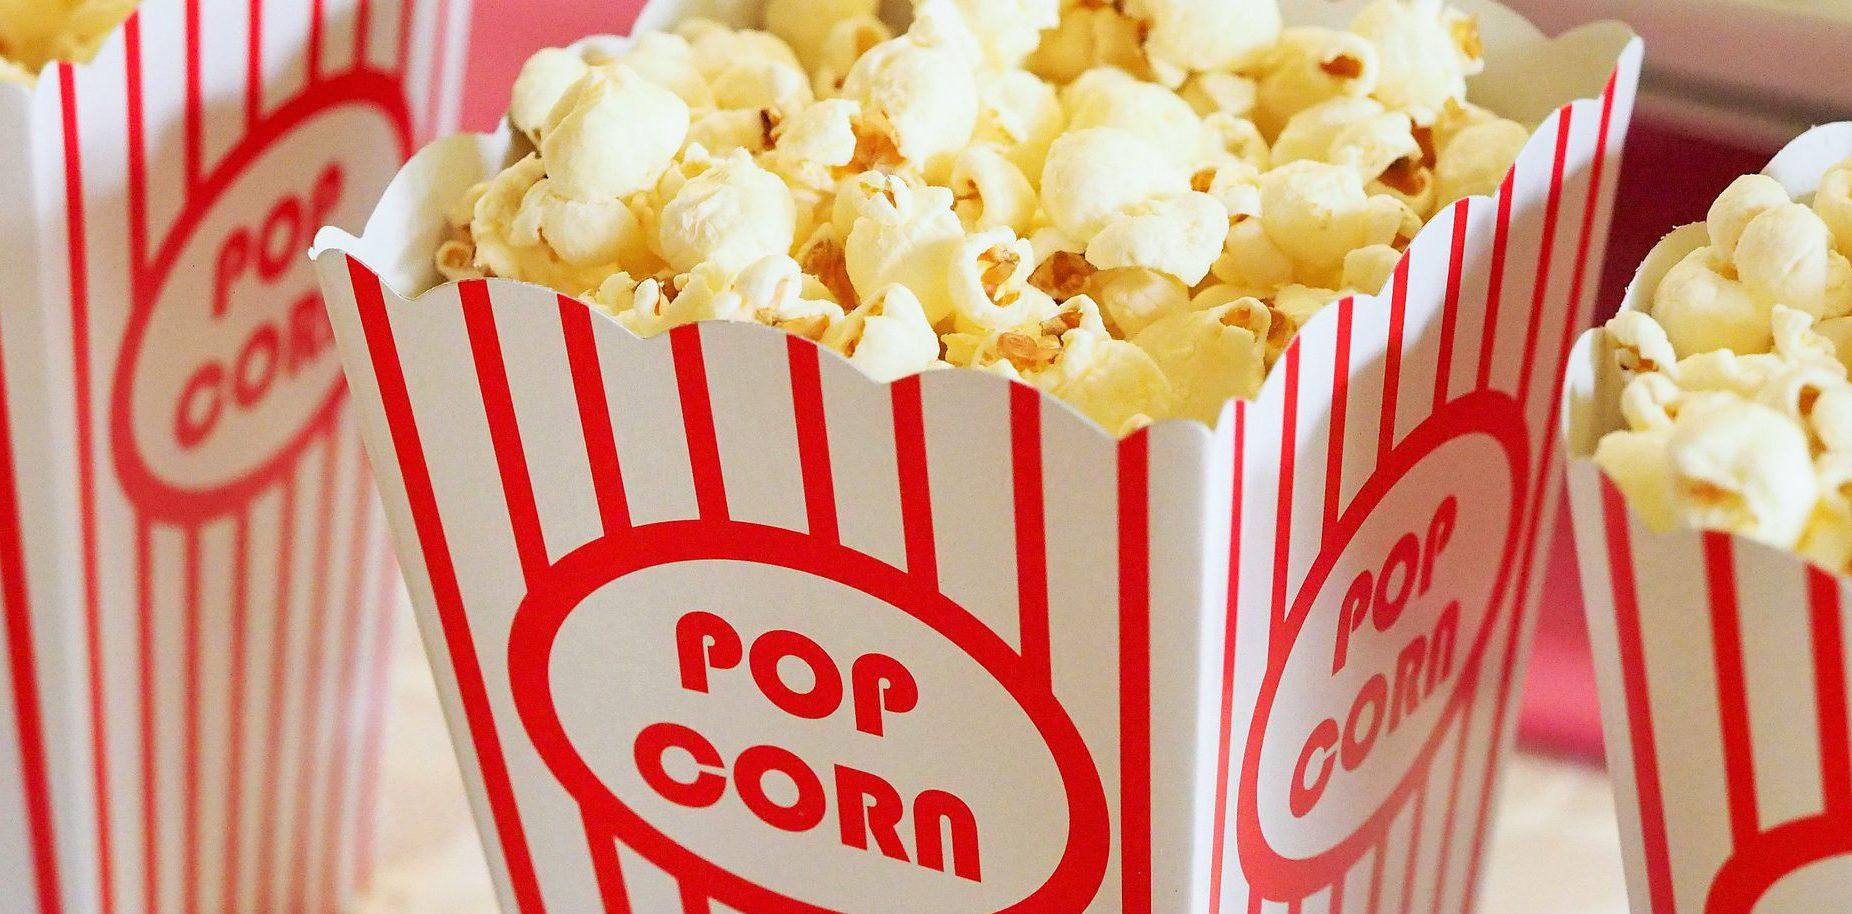 Das Kino in der Bahnstadt wird bald eröffnet Bild: pixaby